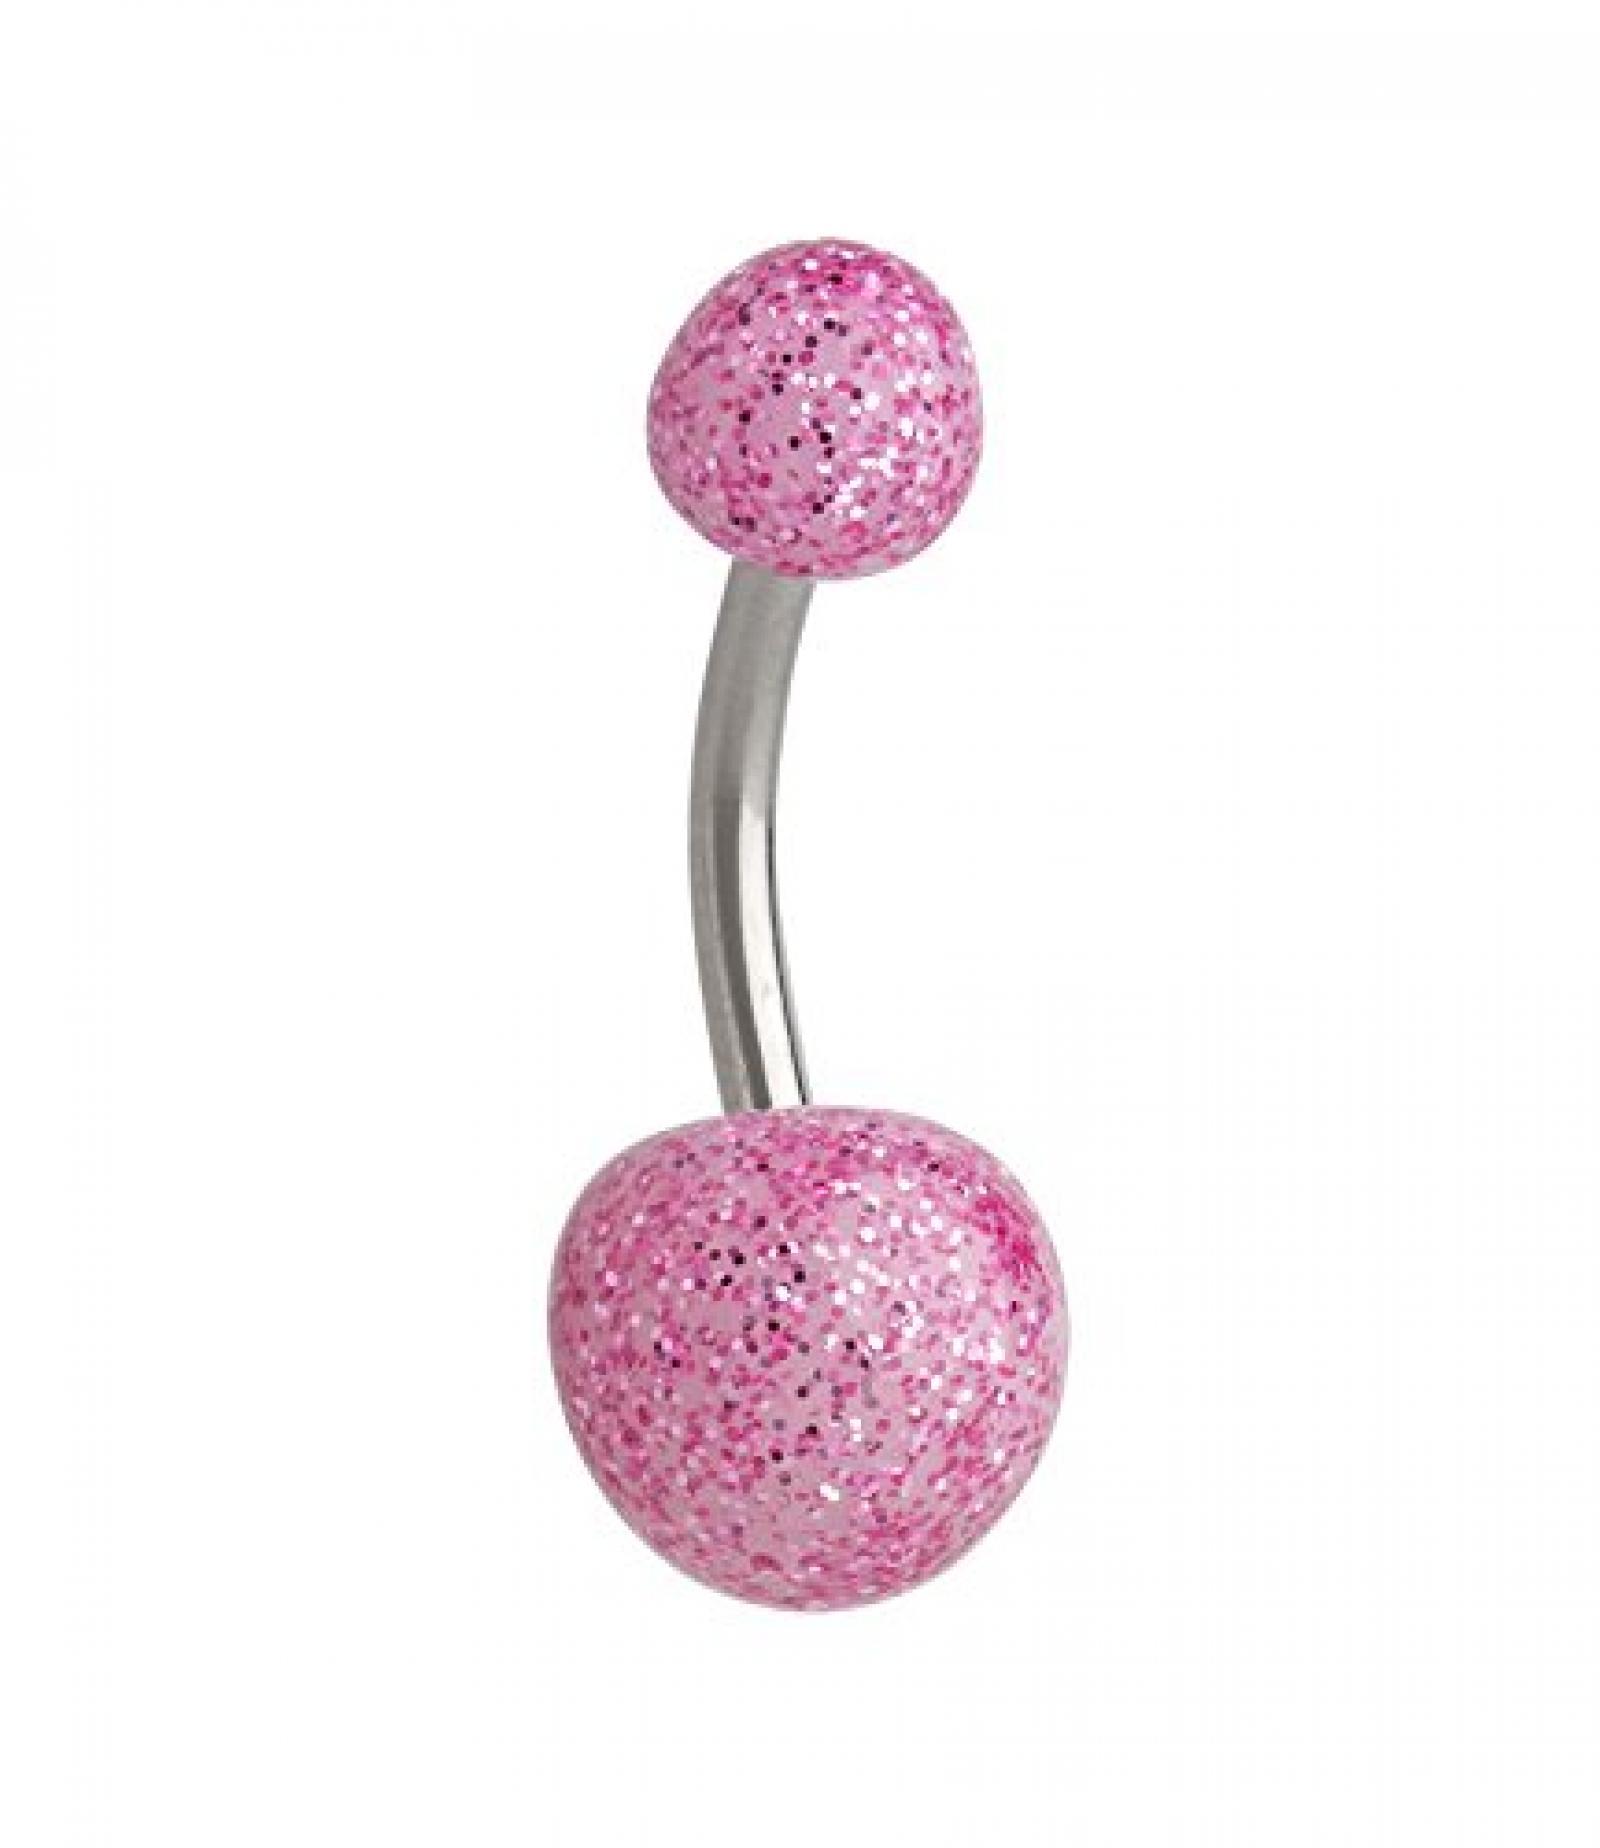 SIX Bauchnabel Piercing aus Chirurgenstahl mit rosa Glitzer Kugeln (269-407)